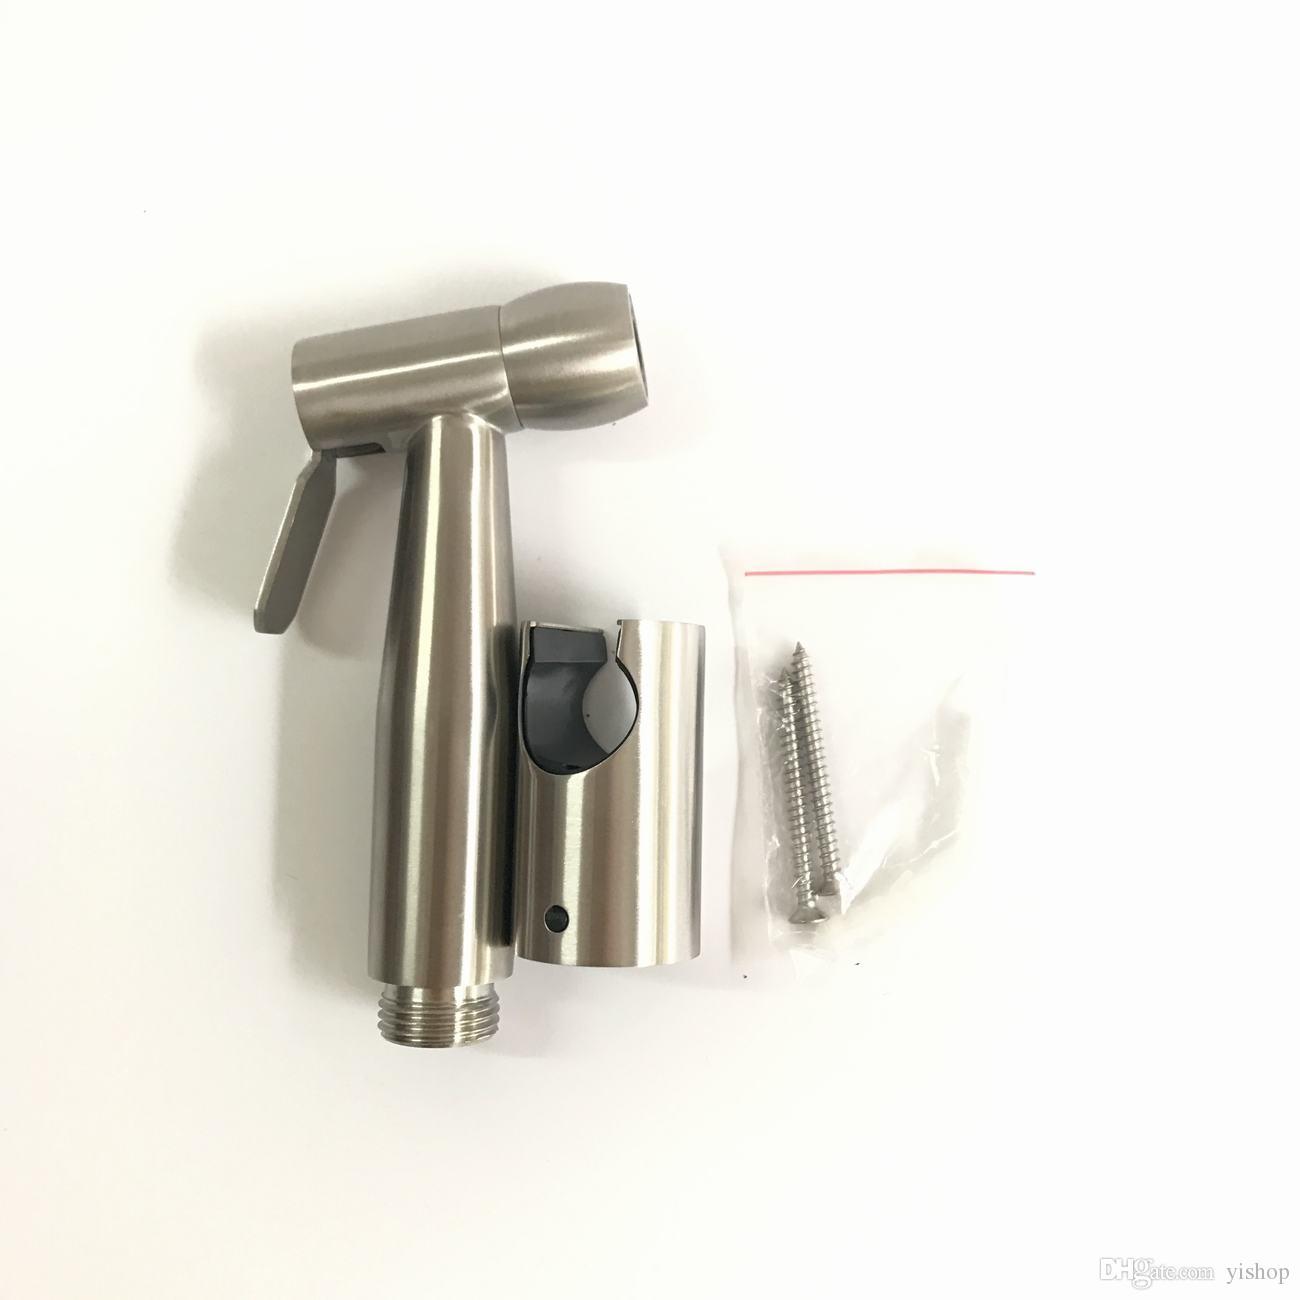 Stainless Steel Bathroom Toilet Flusher Bidet Sprayer Cleaner Tools Spray Enhanced pressure Hand Shower Set + Shower hose + wall bracket